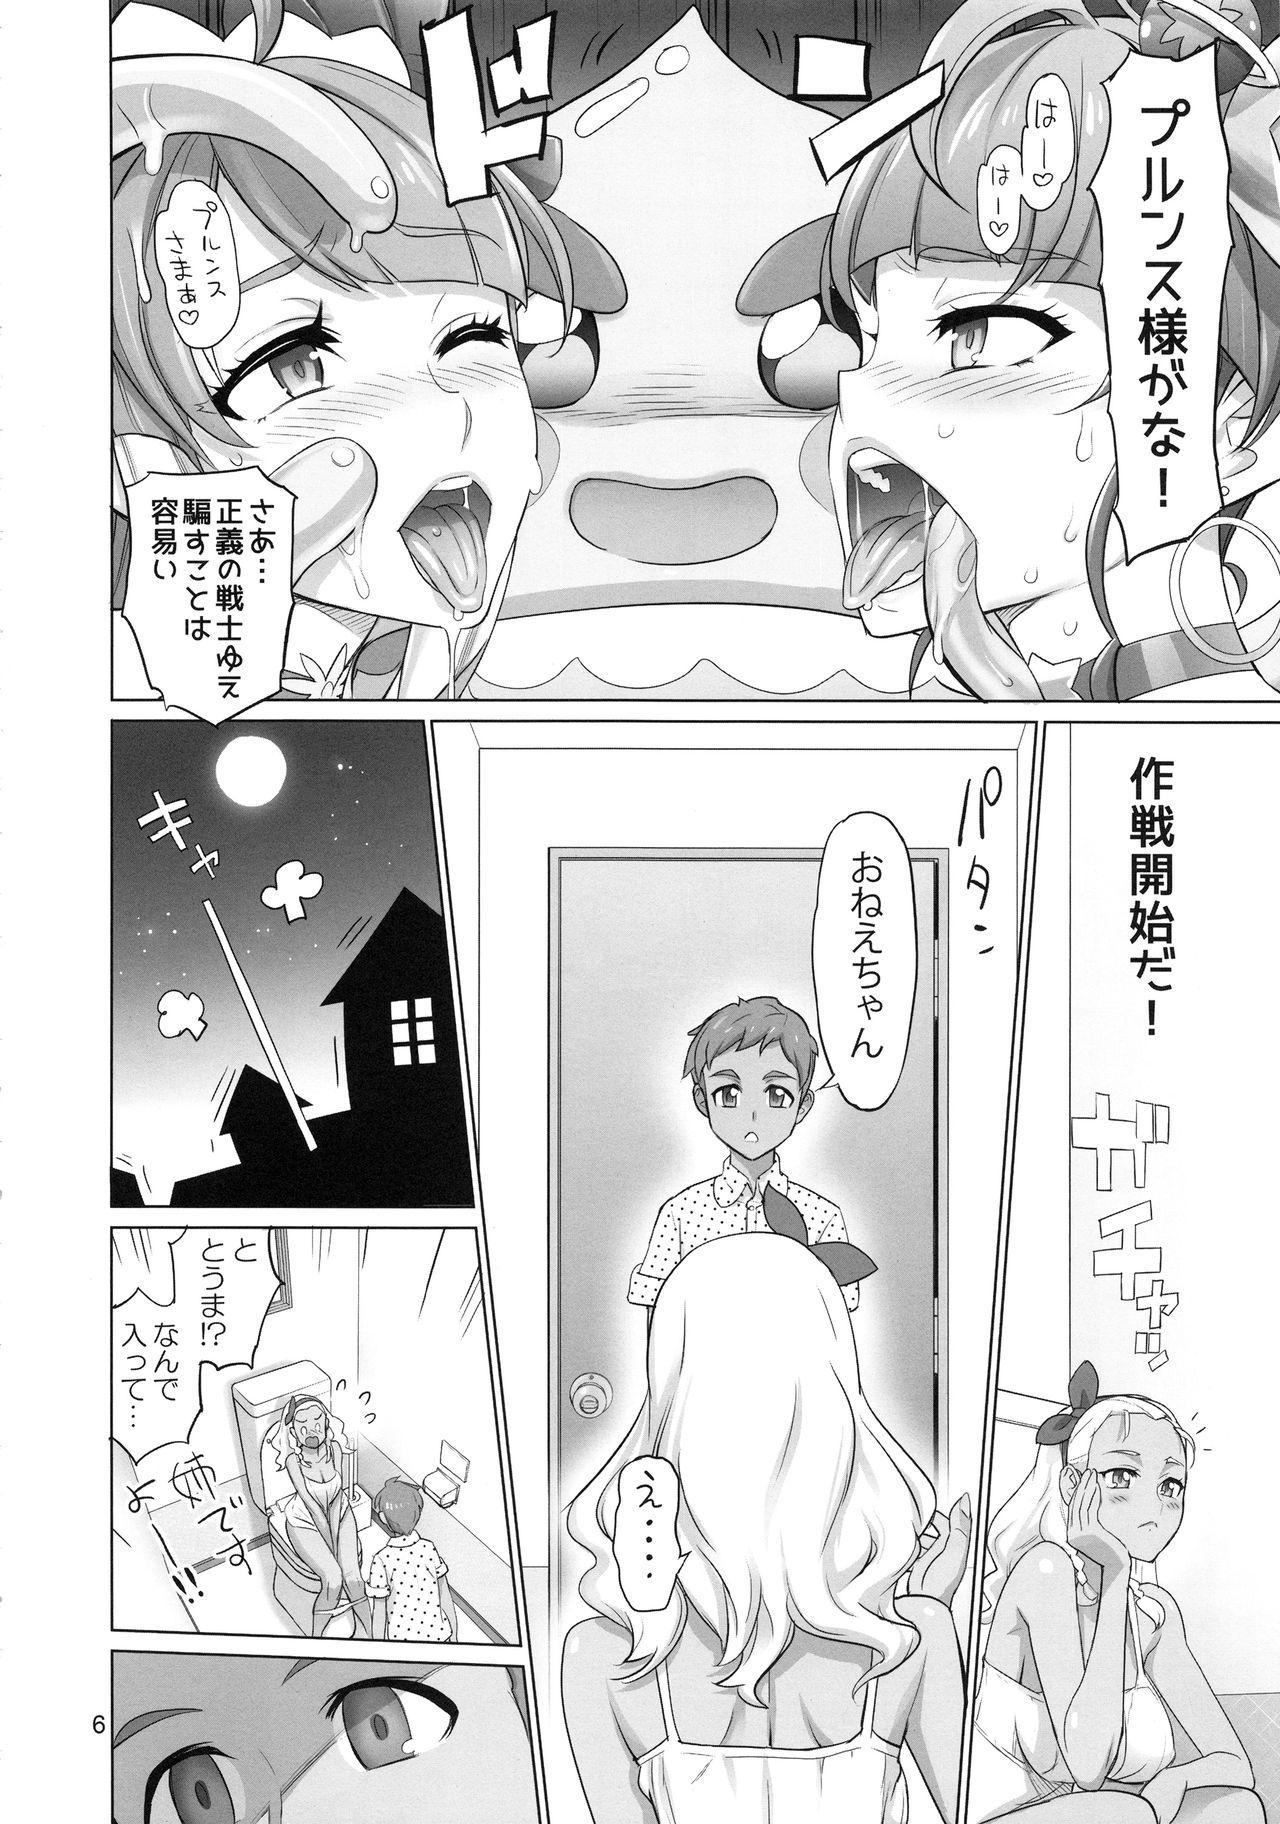 Onegai Sureba Ikeru to Omotte Shota ga Toile de Kasshoku Onee-chan o Osotte Mita Kekka 4